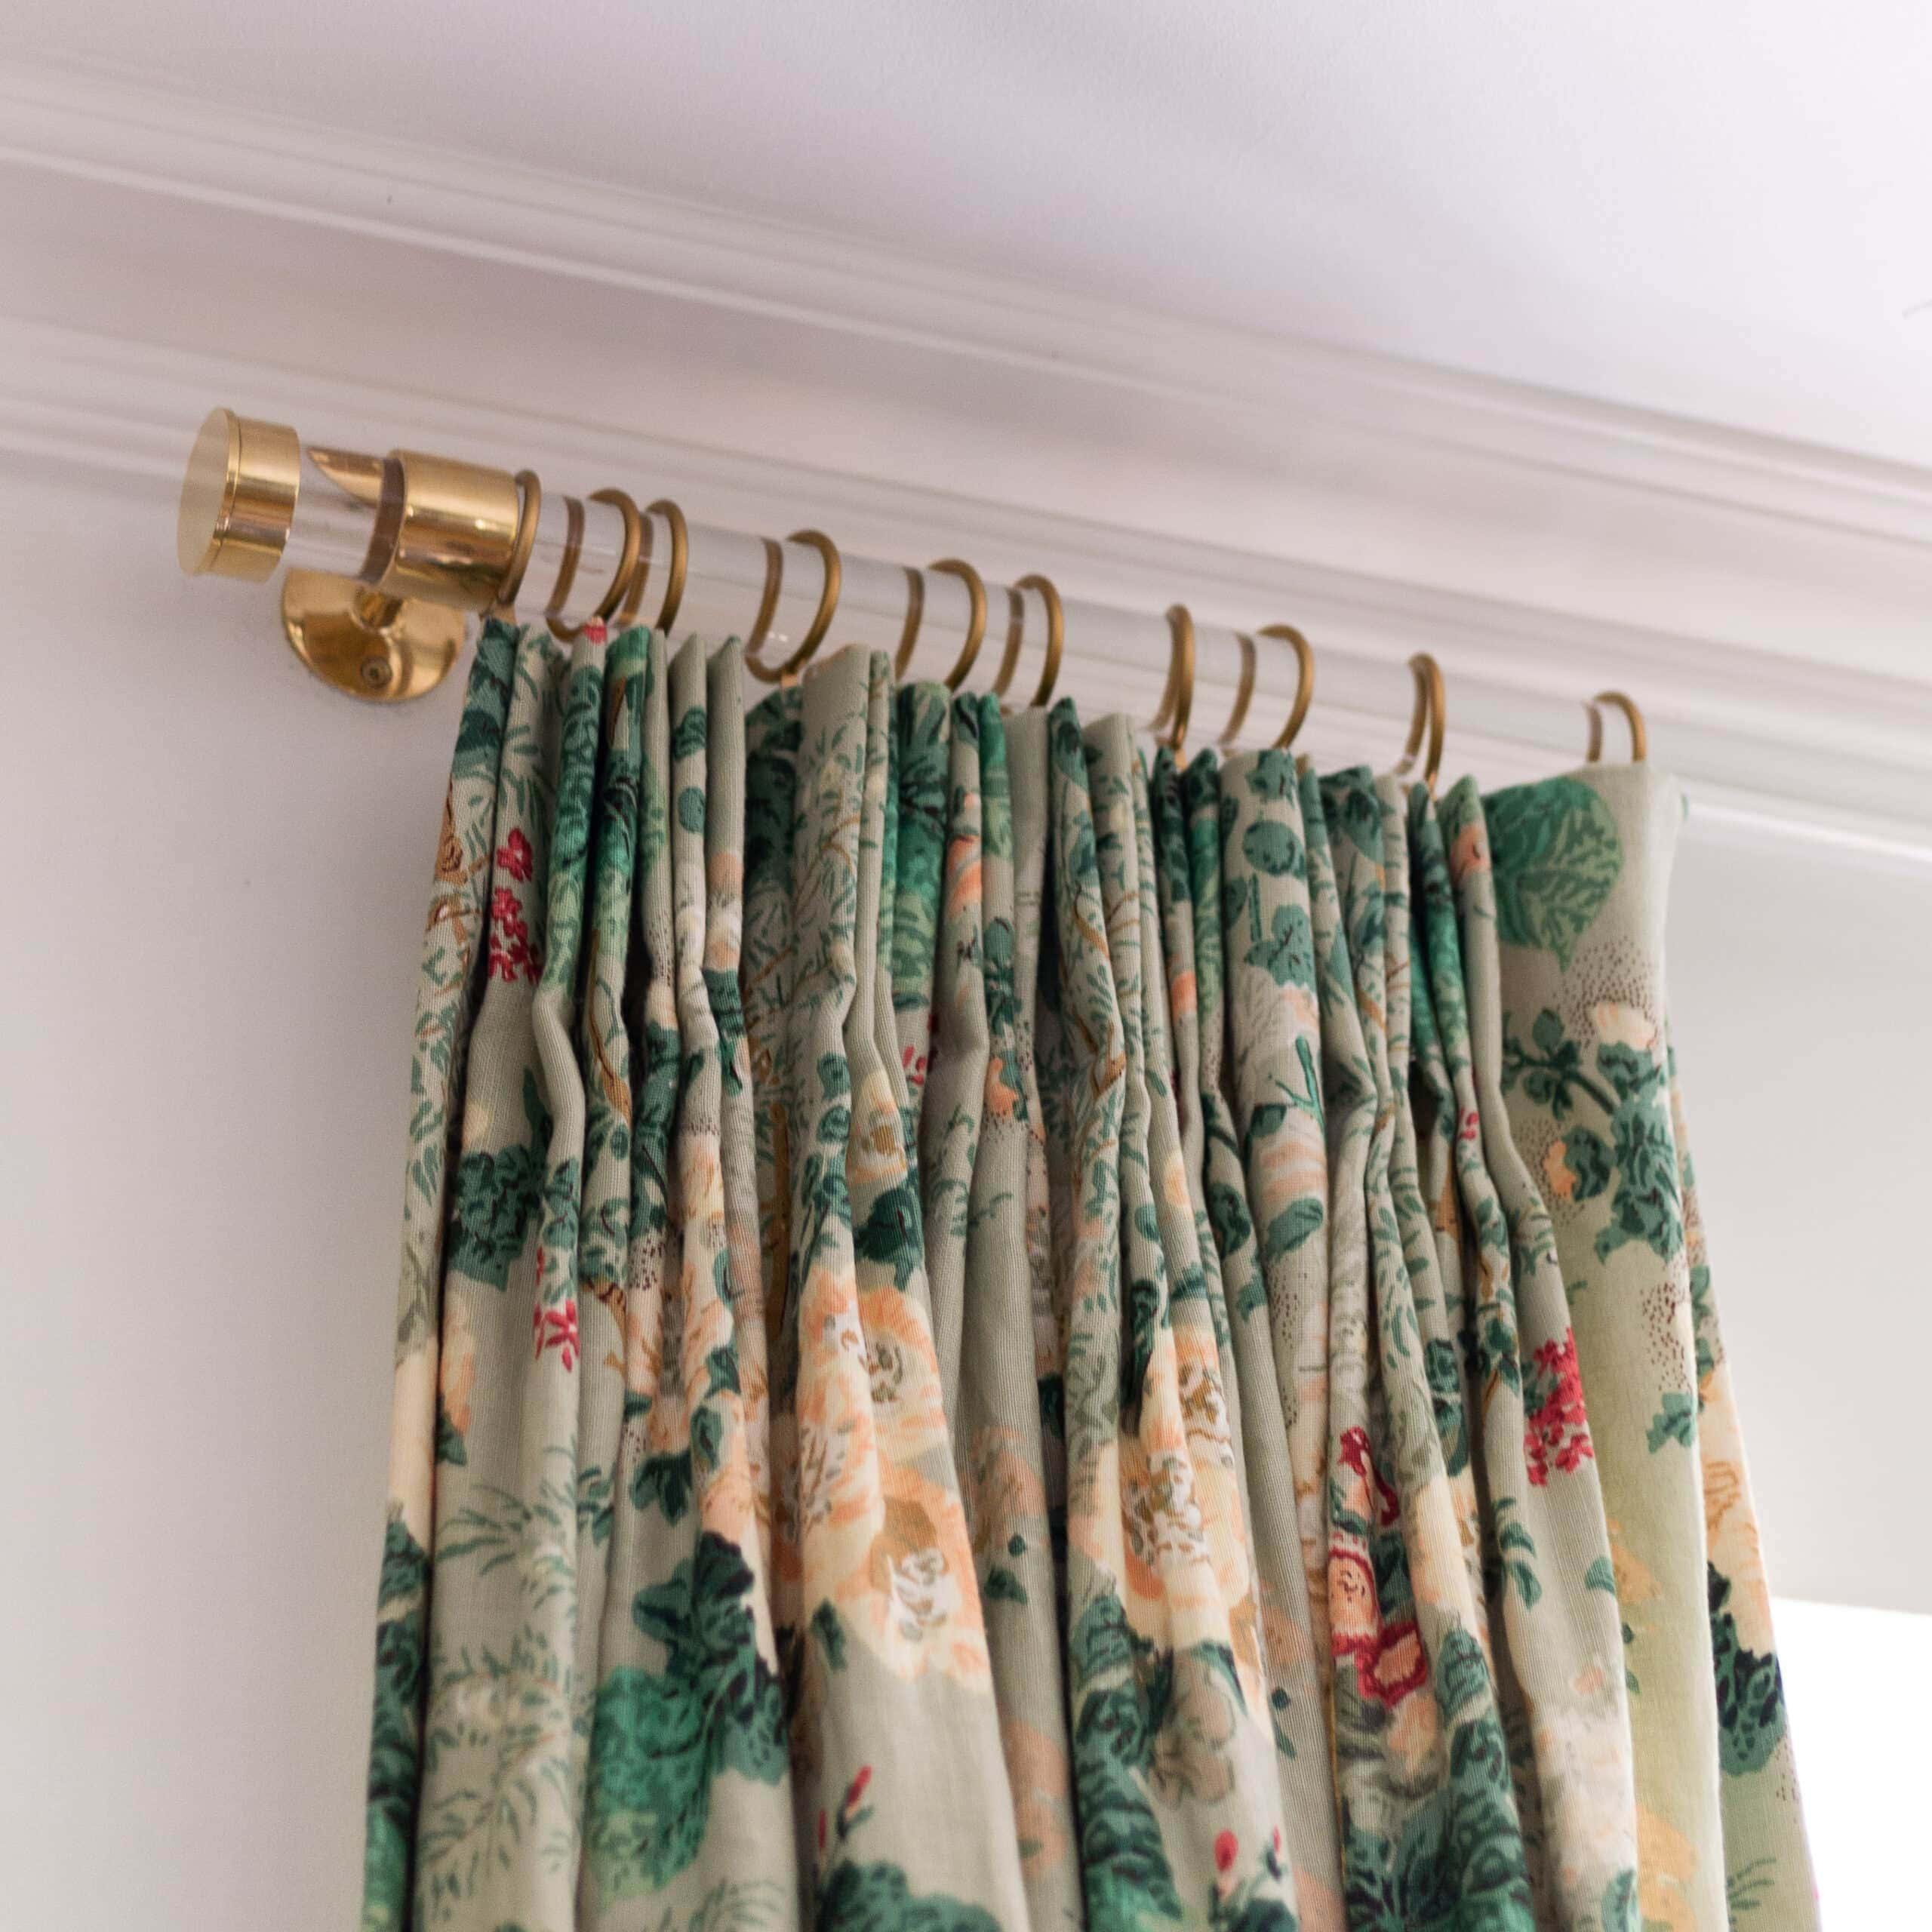 diy-acrylic-lucite-curtain-rod